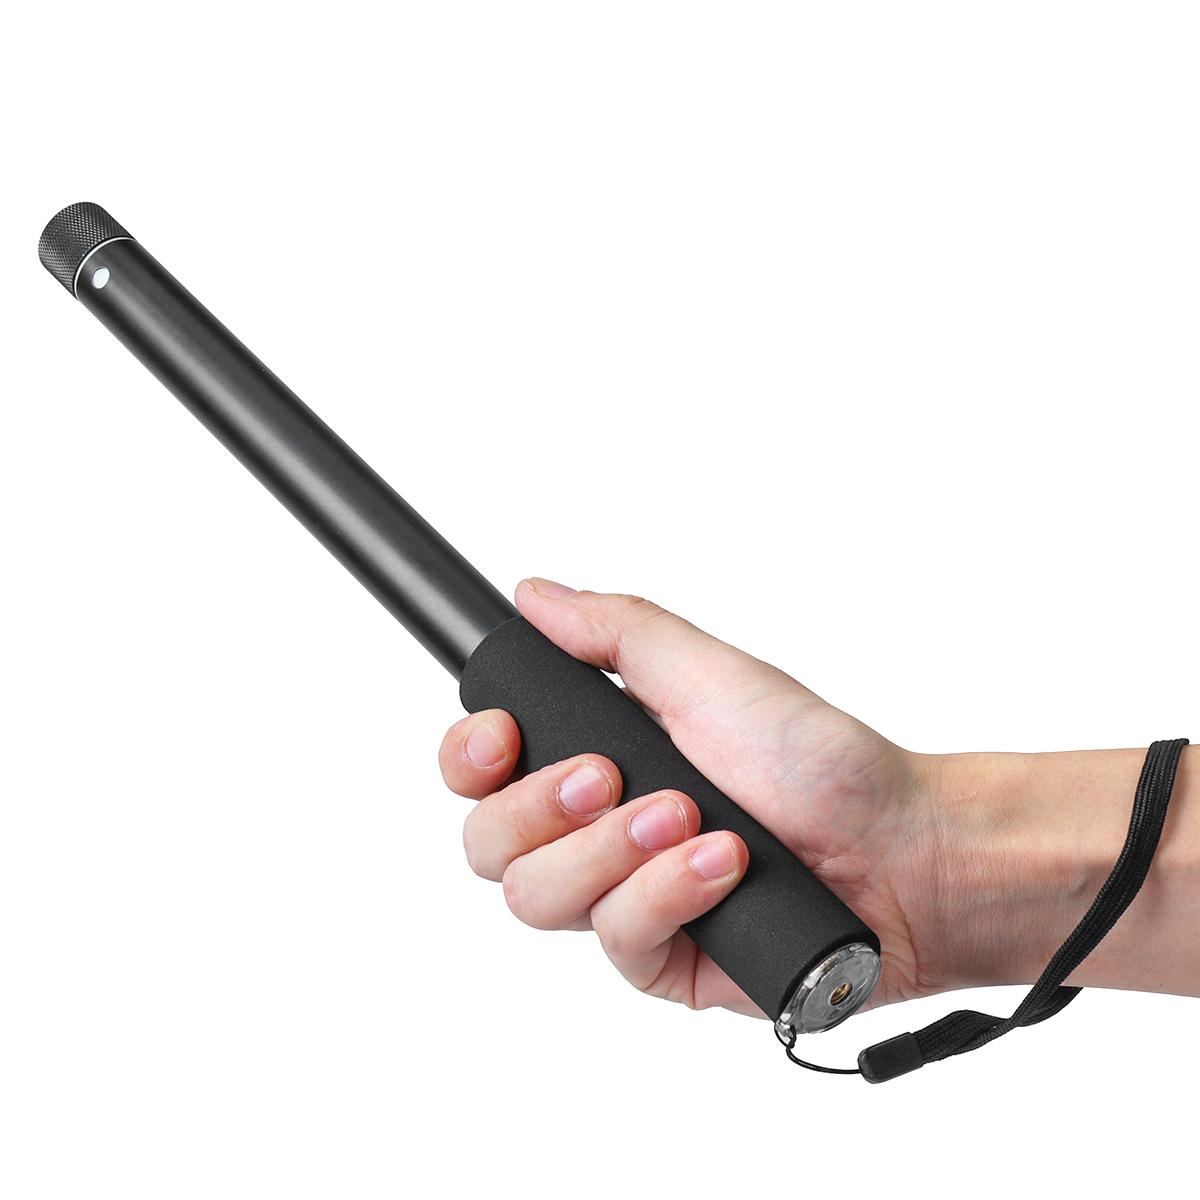 Unterhaltungselektronik Mikrofonstativ Mikrofon Boom Pole Extensible Boom Pole Micro Mikrofon Pol Mic Halter 3 Abschnitt 67,5 Zoll Verlängerung Aufnahme Zubehör Erfrischend Und Wohltuend FüR Die Augen